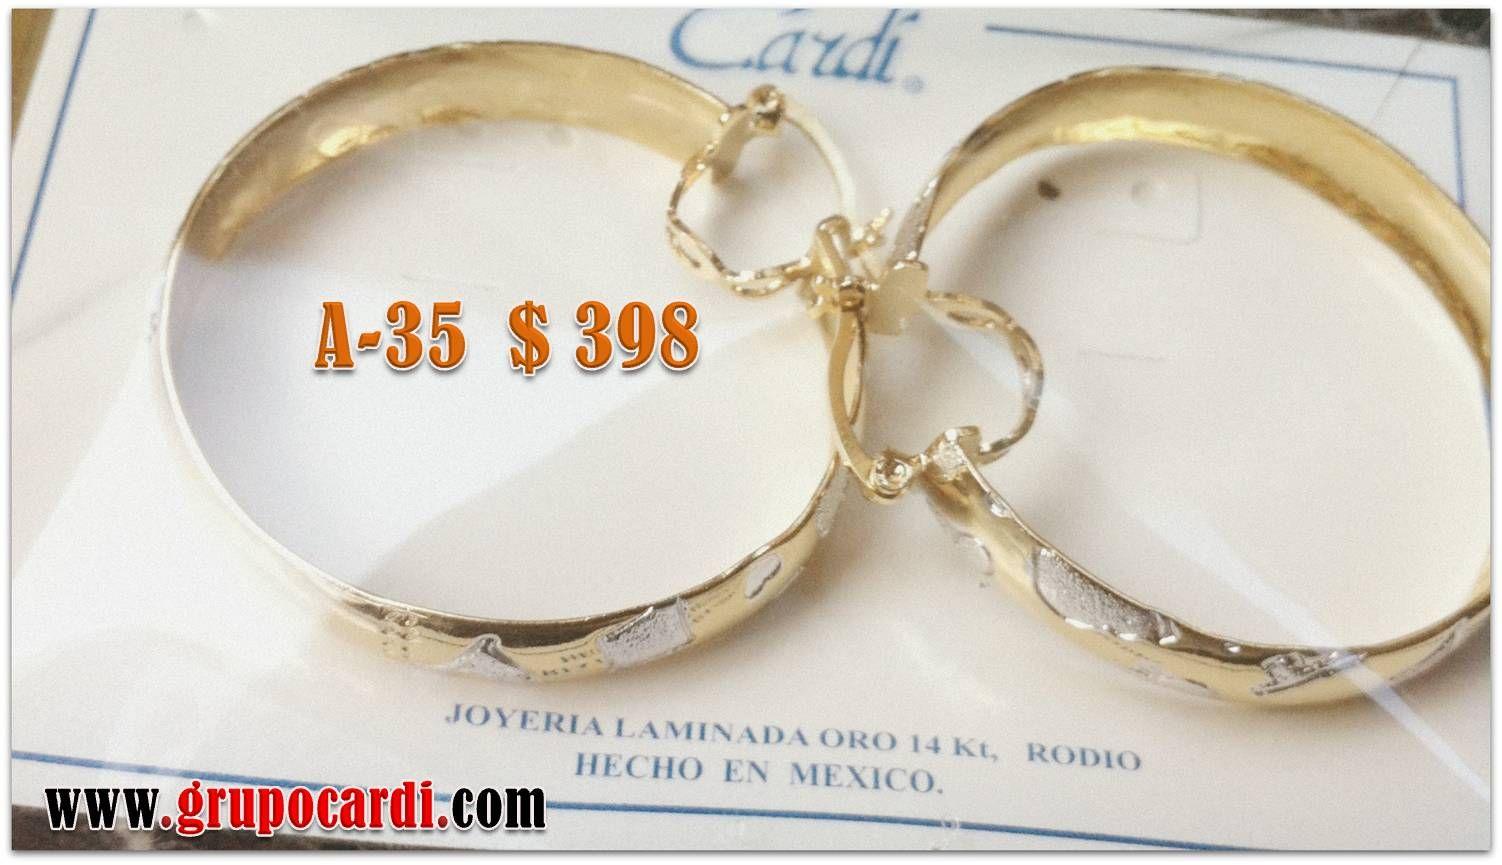 Arracada Oro Laminado Marca Cardí Codigo A-35 $ 398